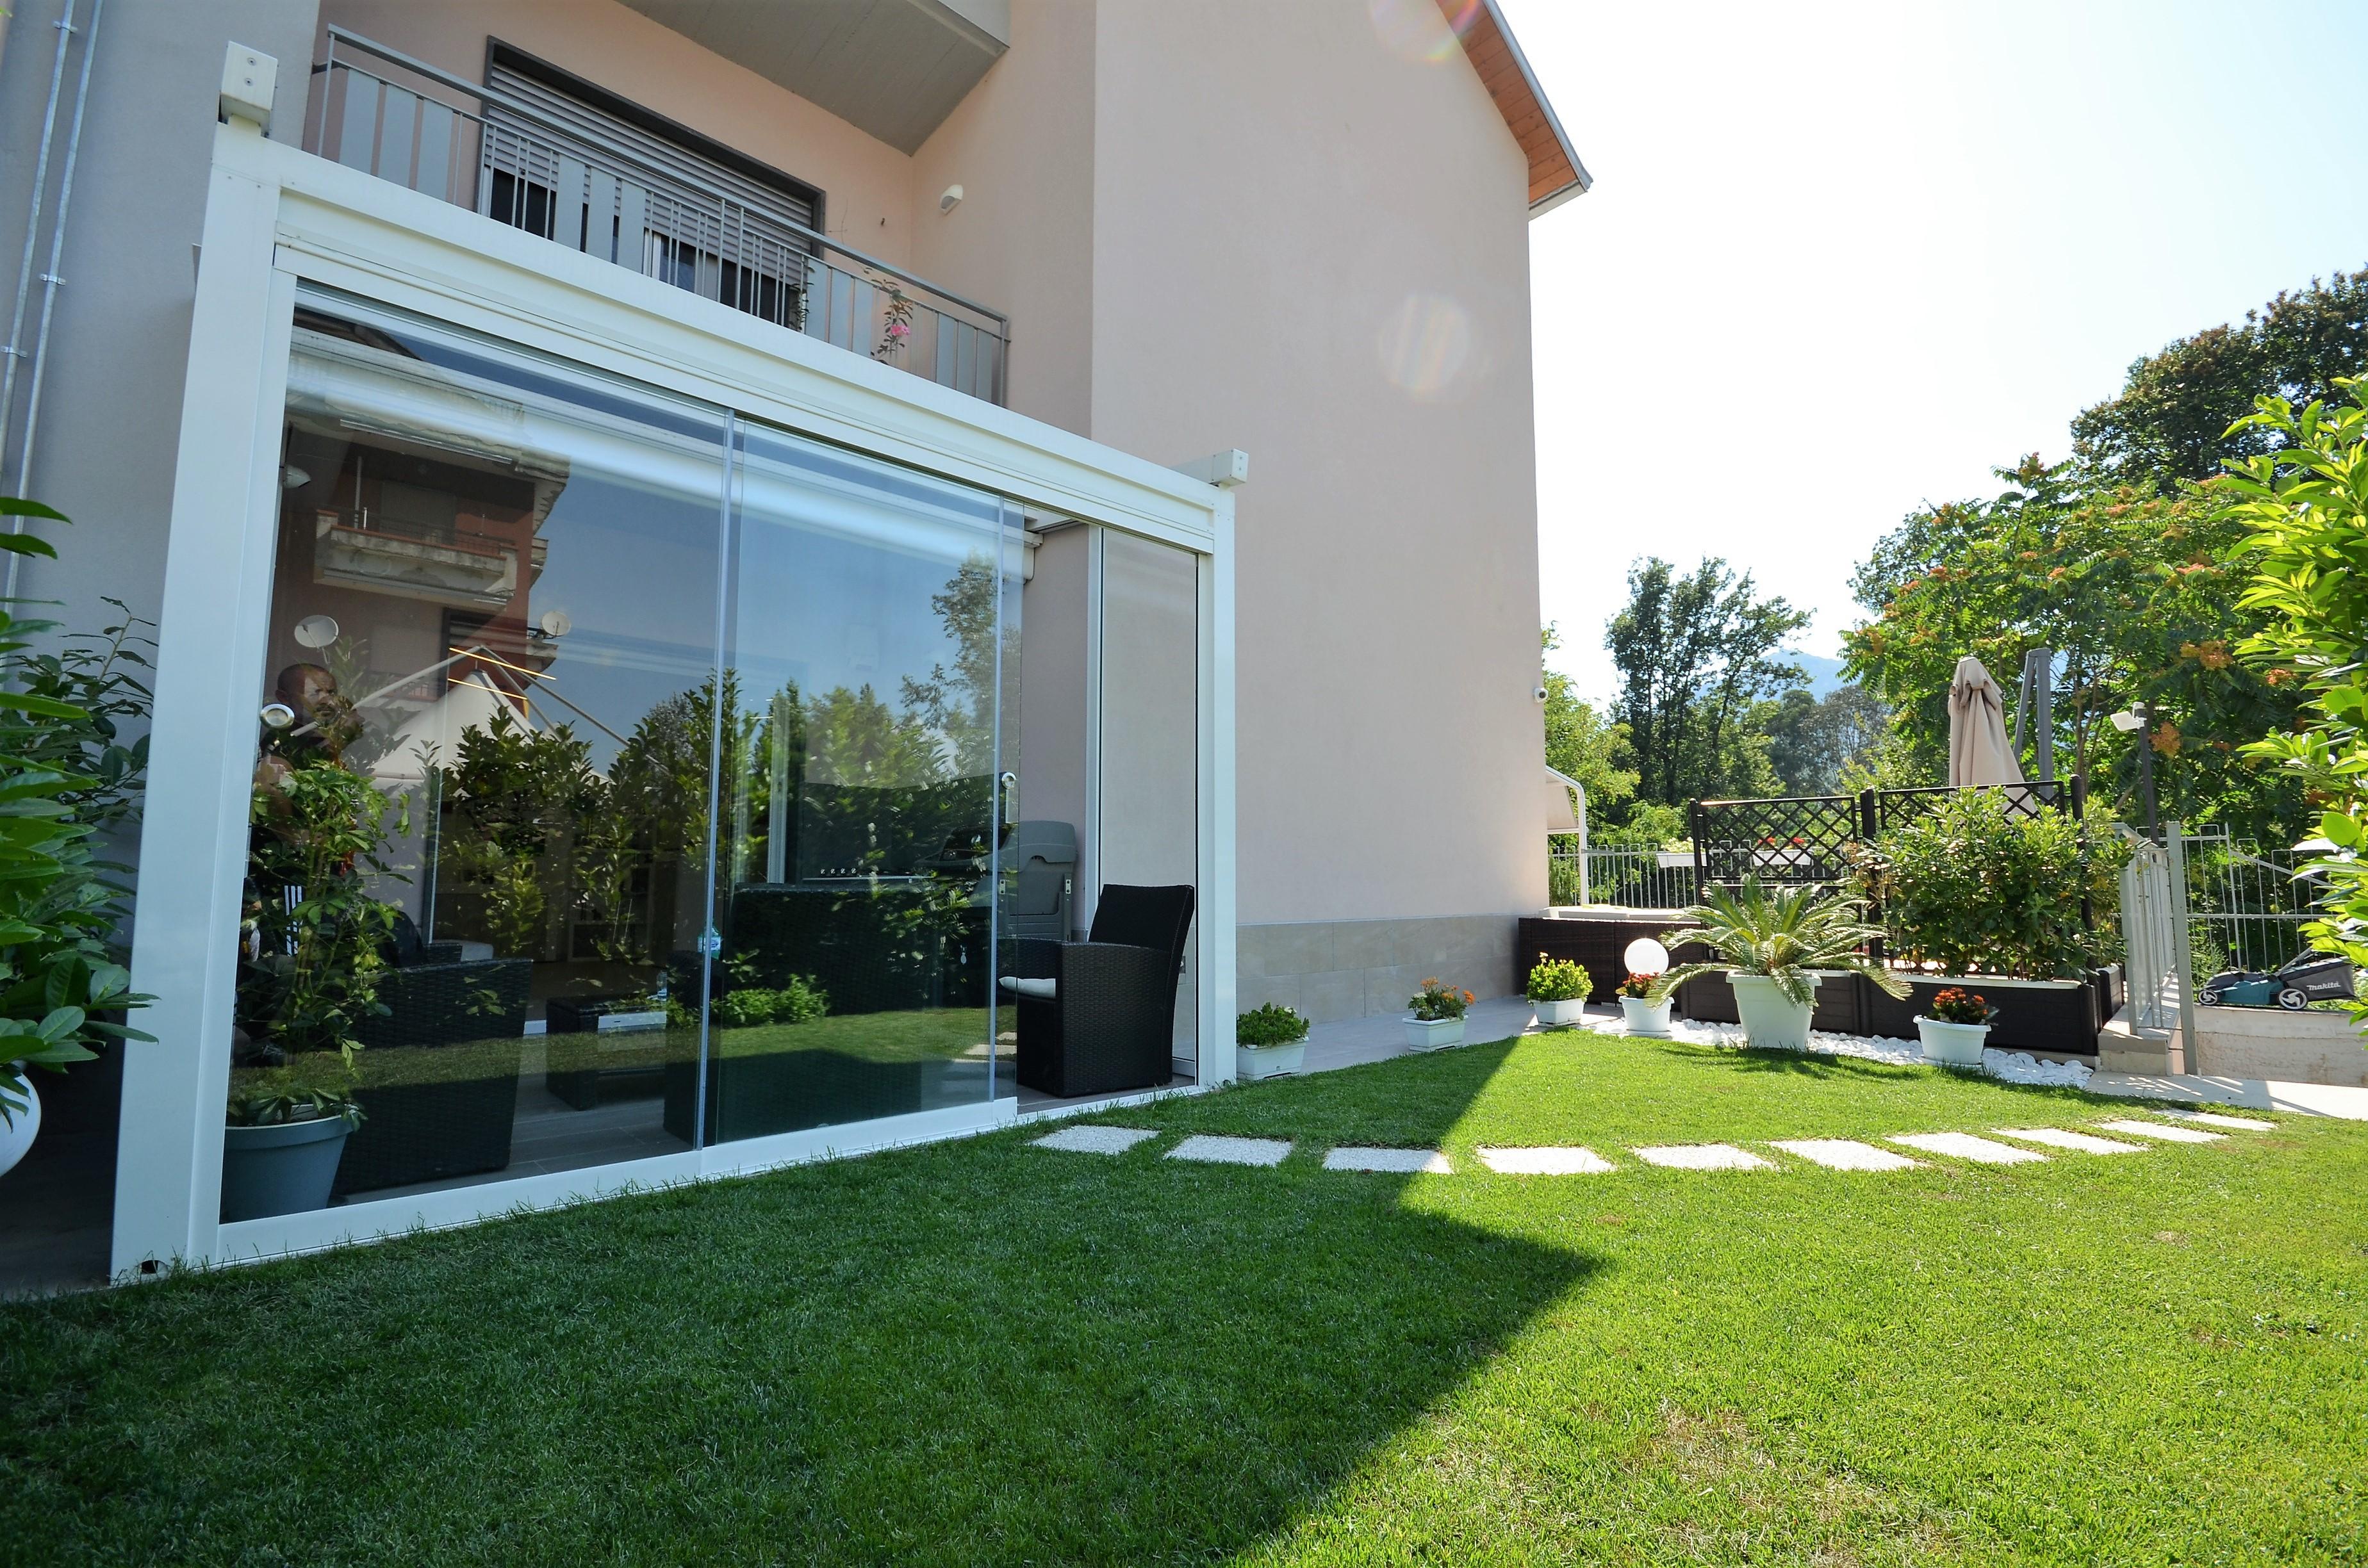 Baronissi (SA) Appartamento con tavernetta, box e giardino